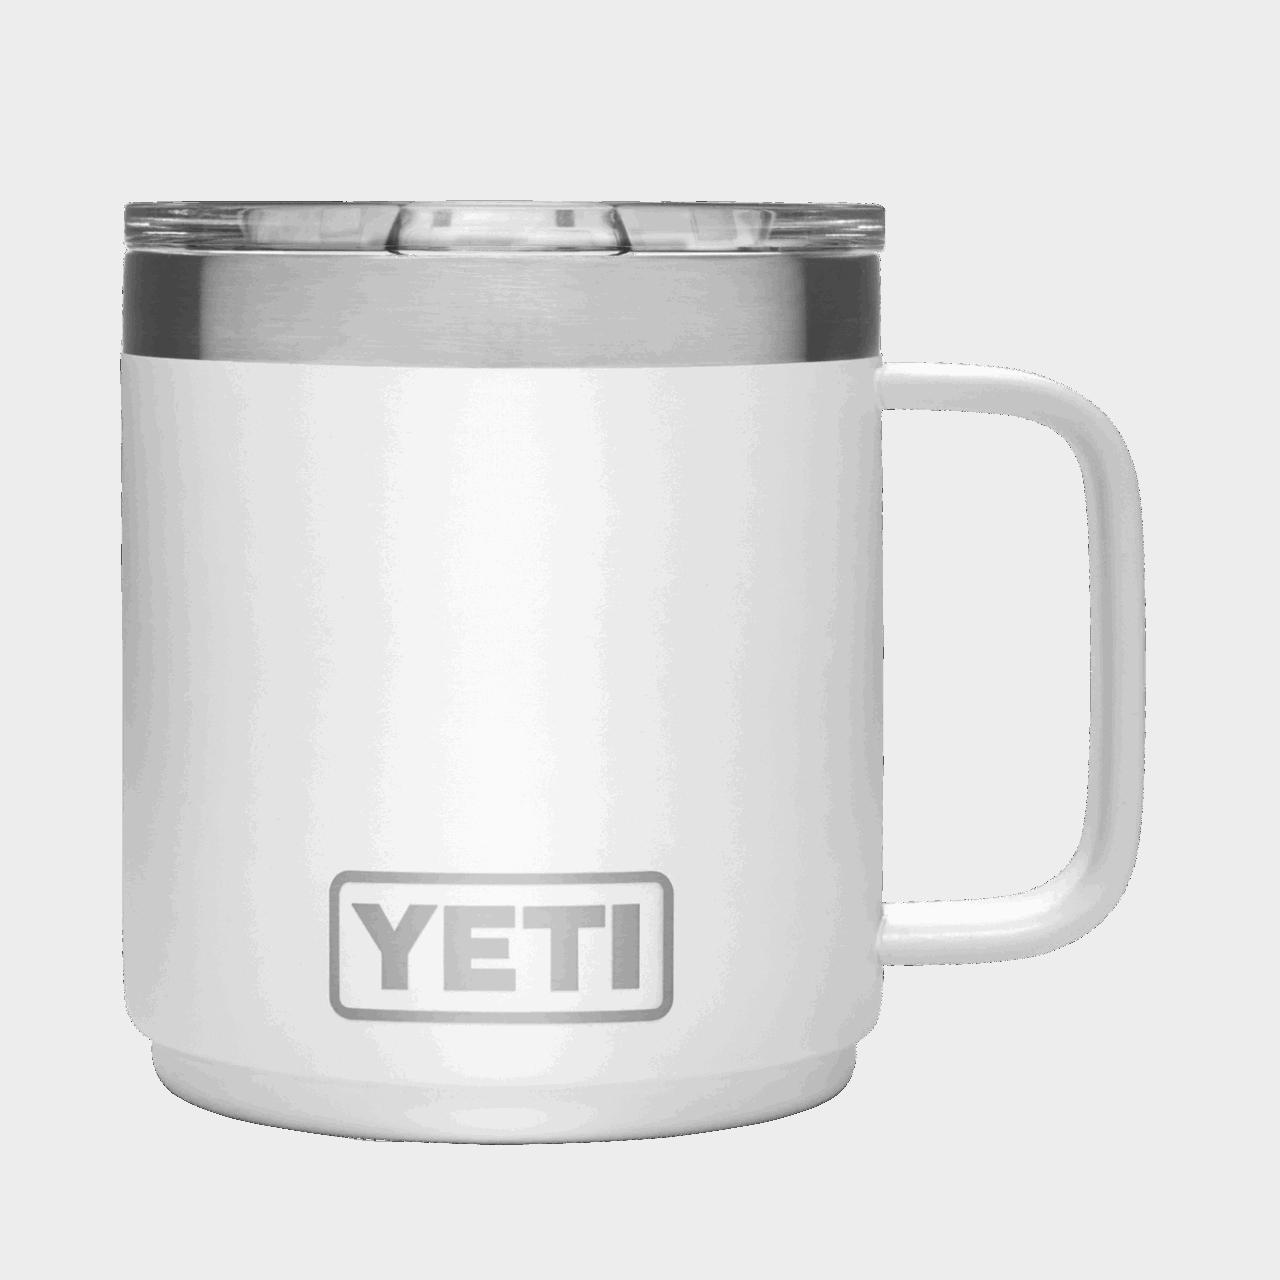 YETI Rambler 10oz Mug - white